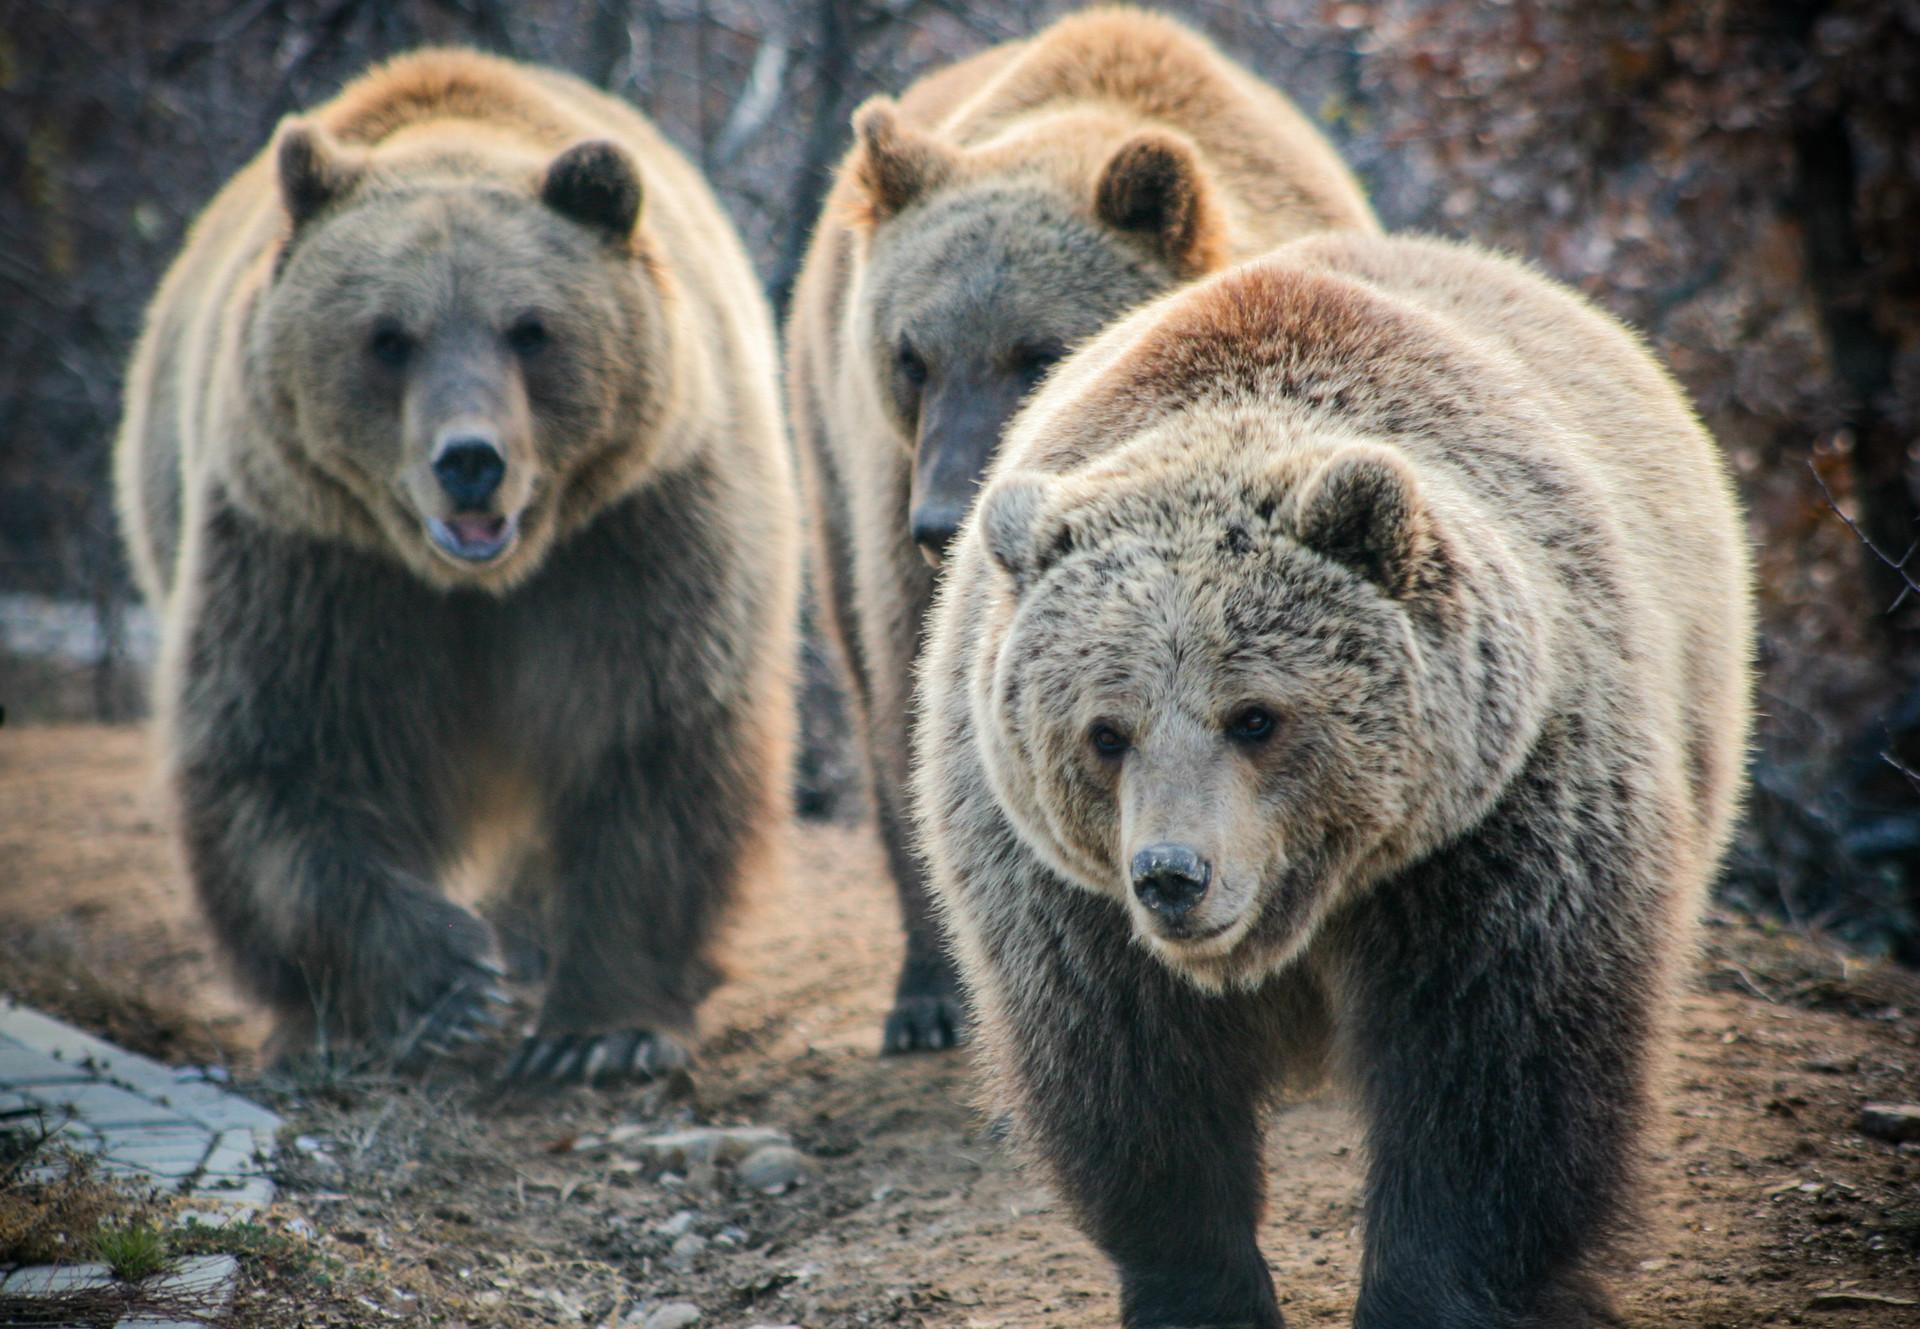 Brown bears Ema, Oska and Ron